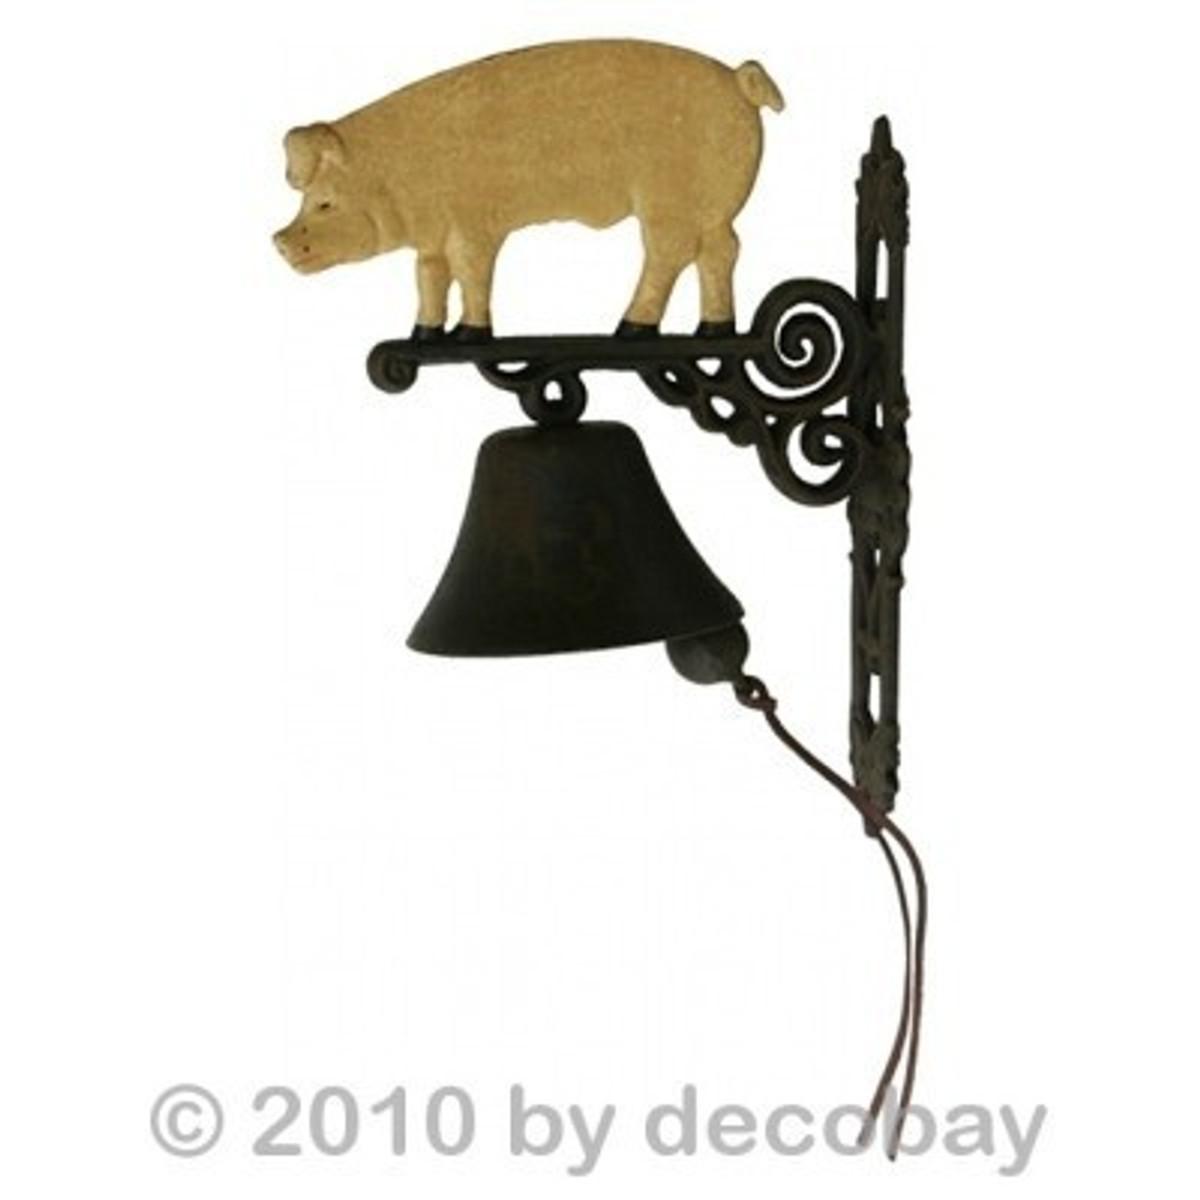 Grunzen Schwein Nostalgie Glocke kaufen Gartendeko aus rustikalem Gusseisen als Deko für den Hauseingang.